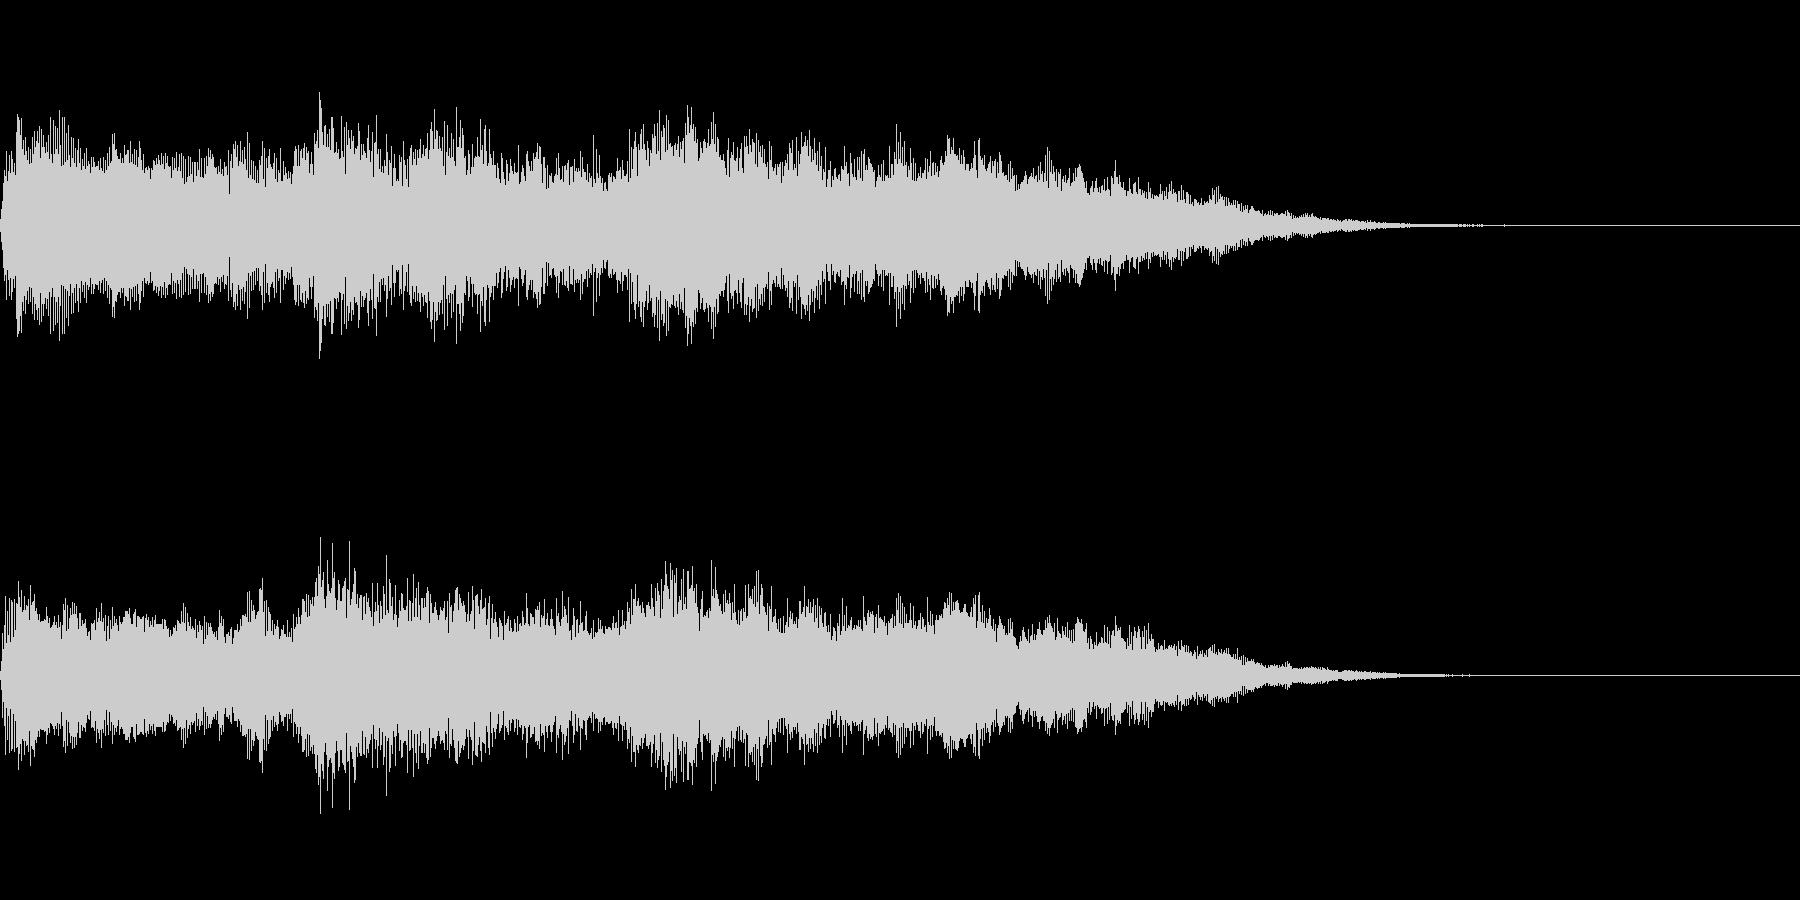 オーガニックなオープニング サウンドロゴの未再生の波形